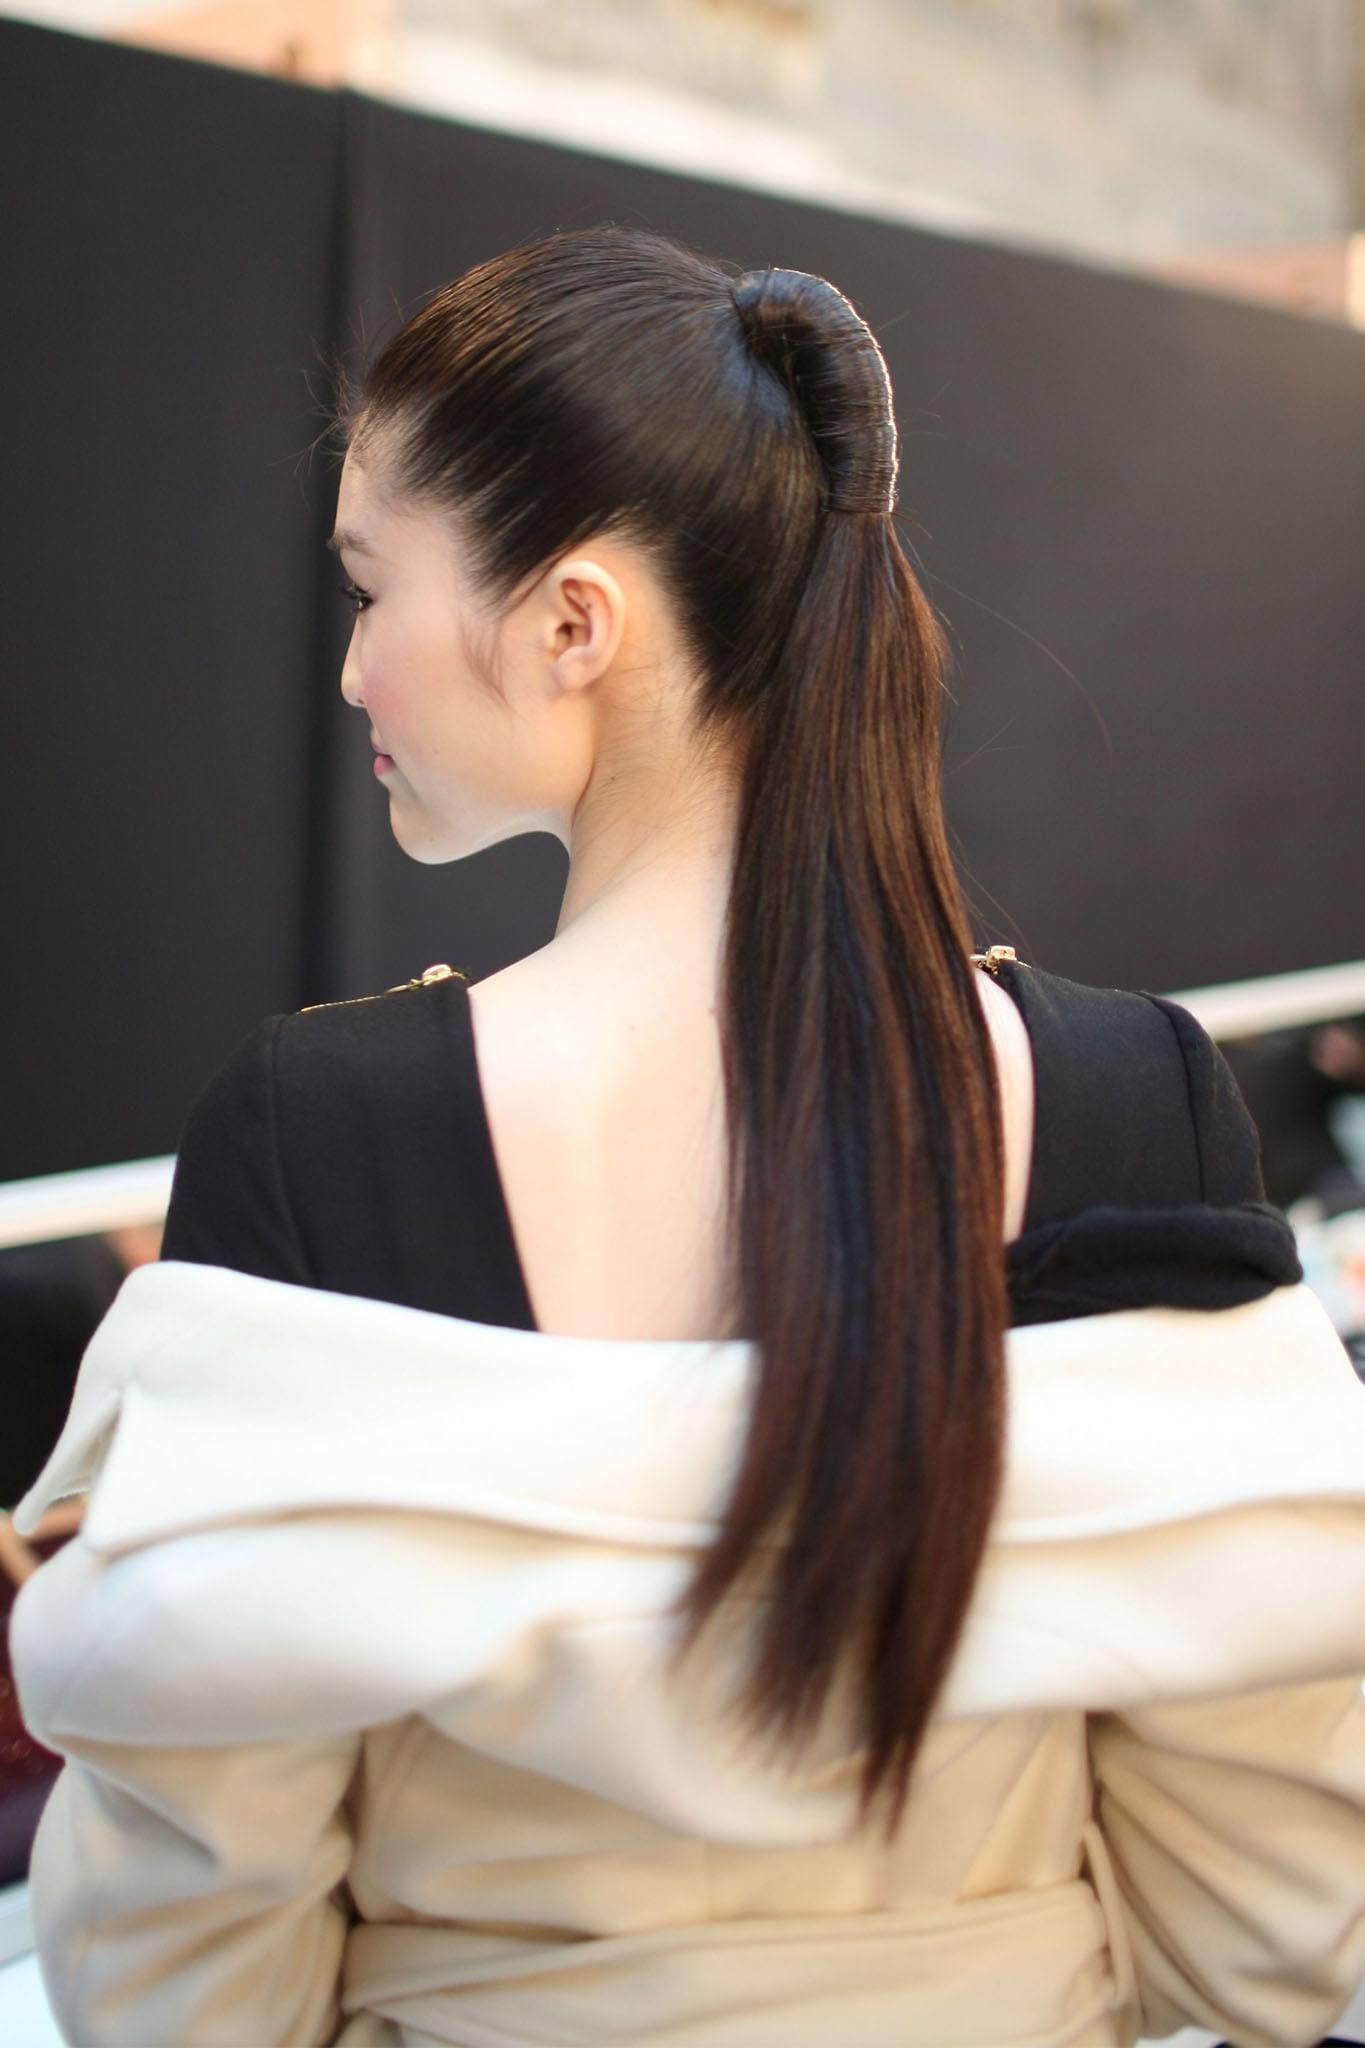 modelo de pelo largo con cola de caballo alta envuelta